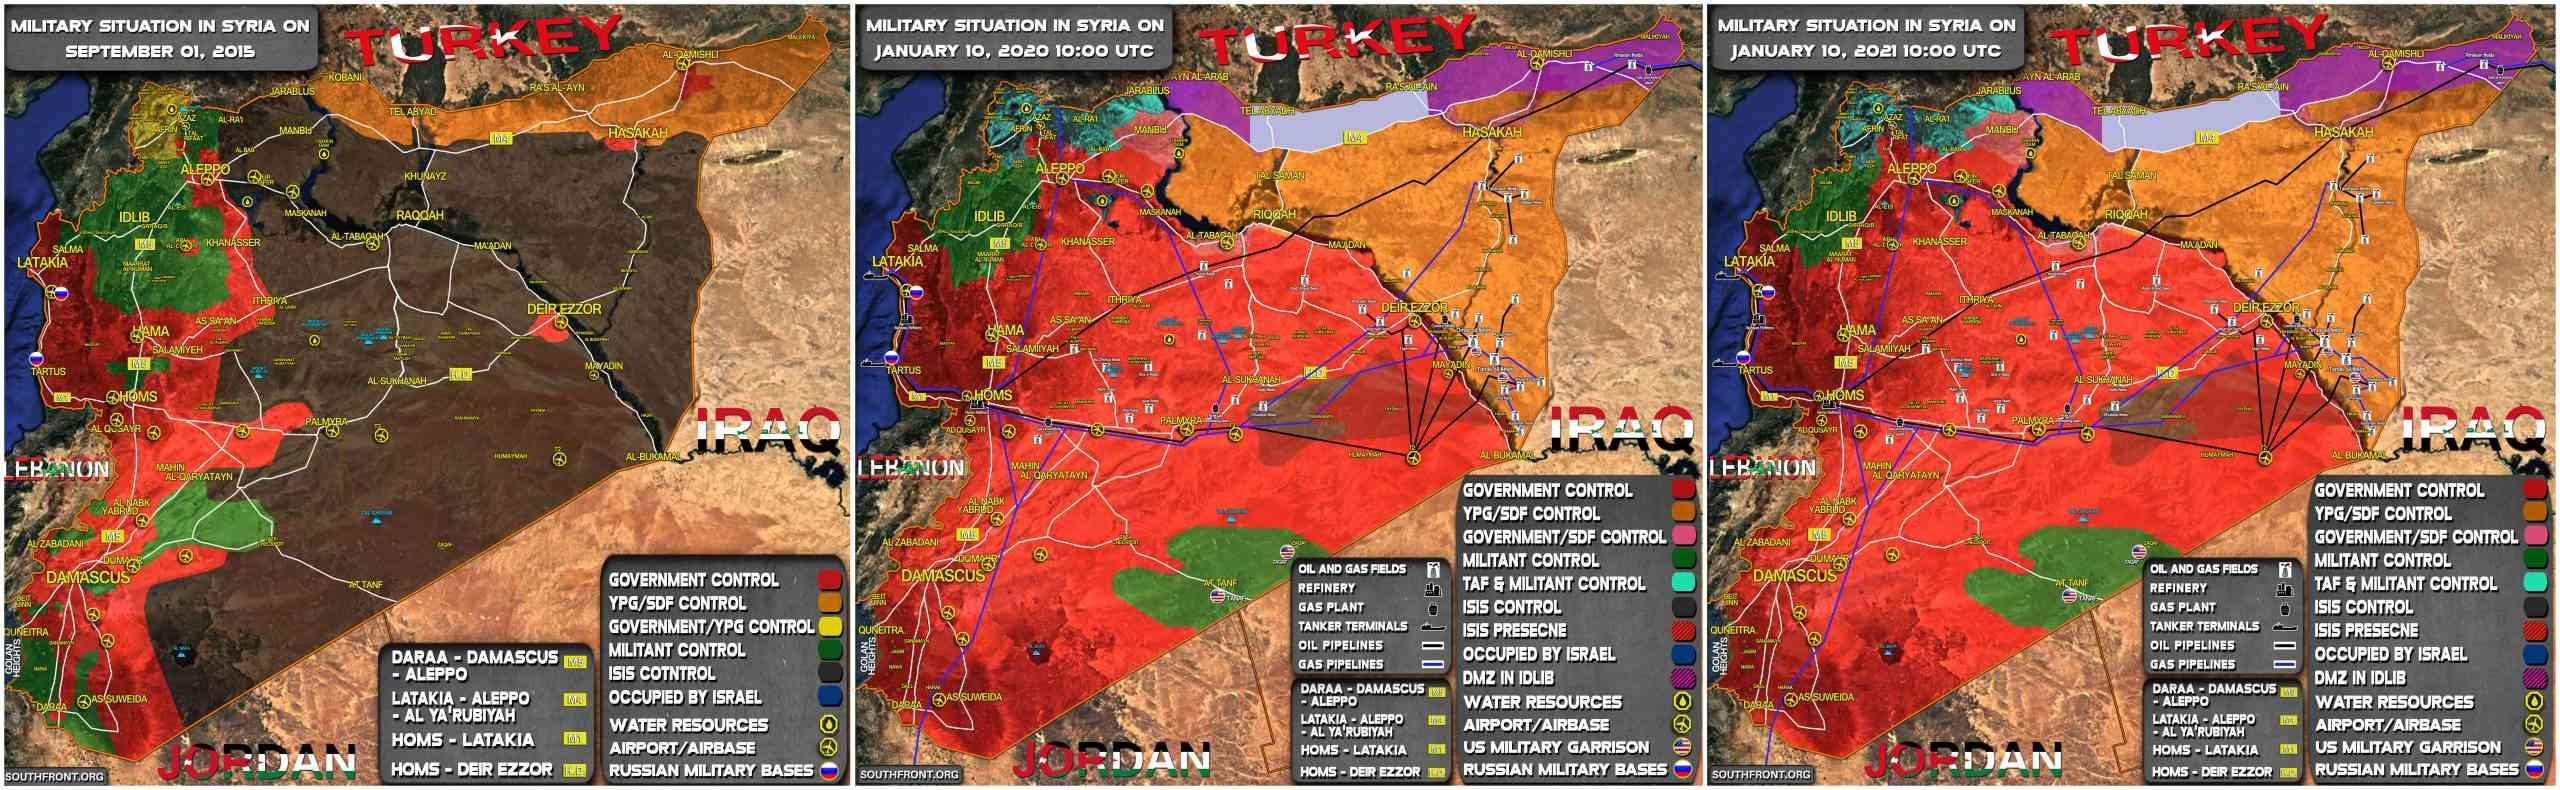 Mapa actualizado de la situación militar general en Siria durante el 11 de enero (+ Mapas en torno a cambios desde el 2015)